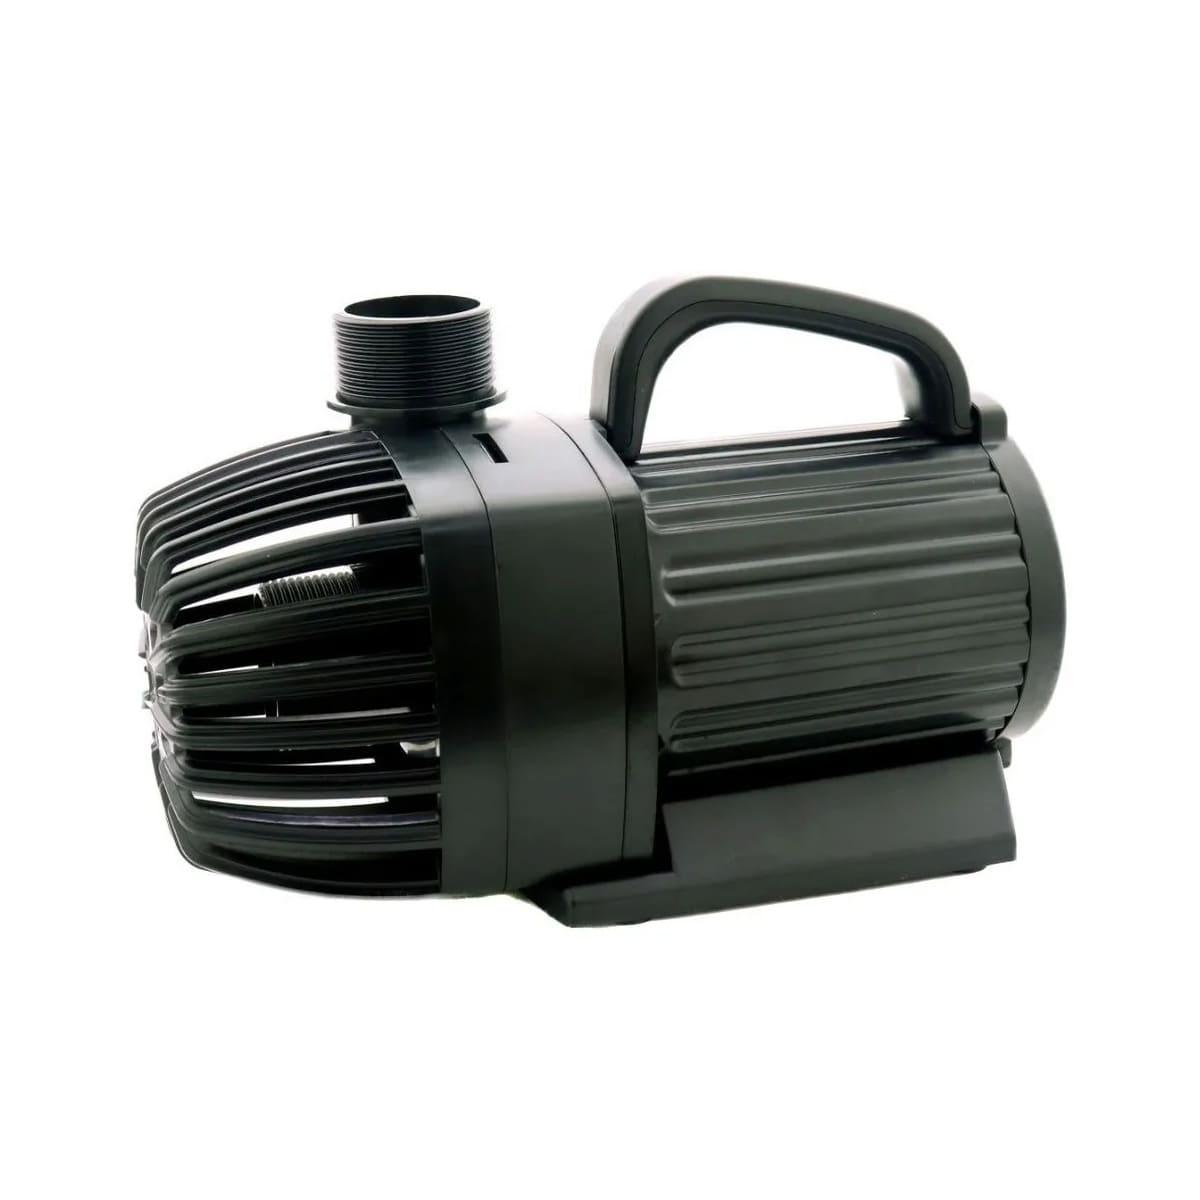 Bomba de Recalque Mydor Tech Ecco Pump 6000 - 6000 L/H